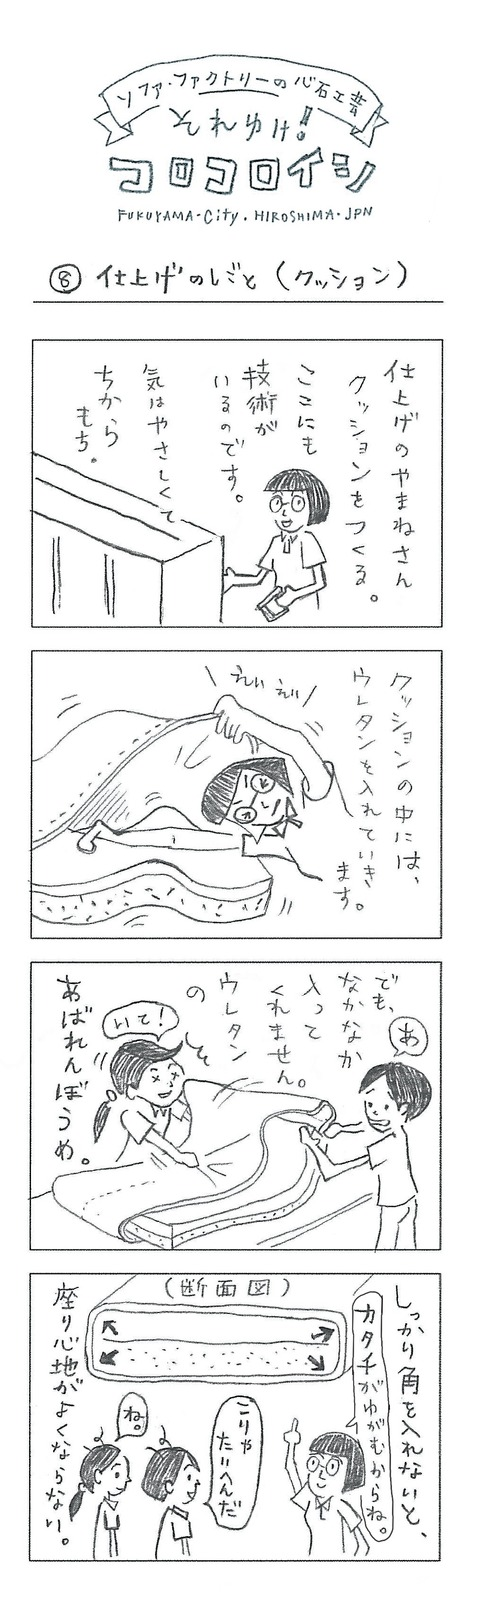 8 仕上げの仕事(クッション)